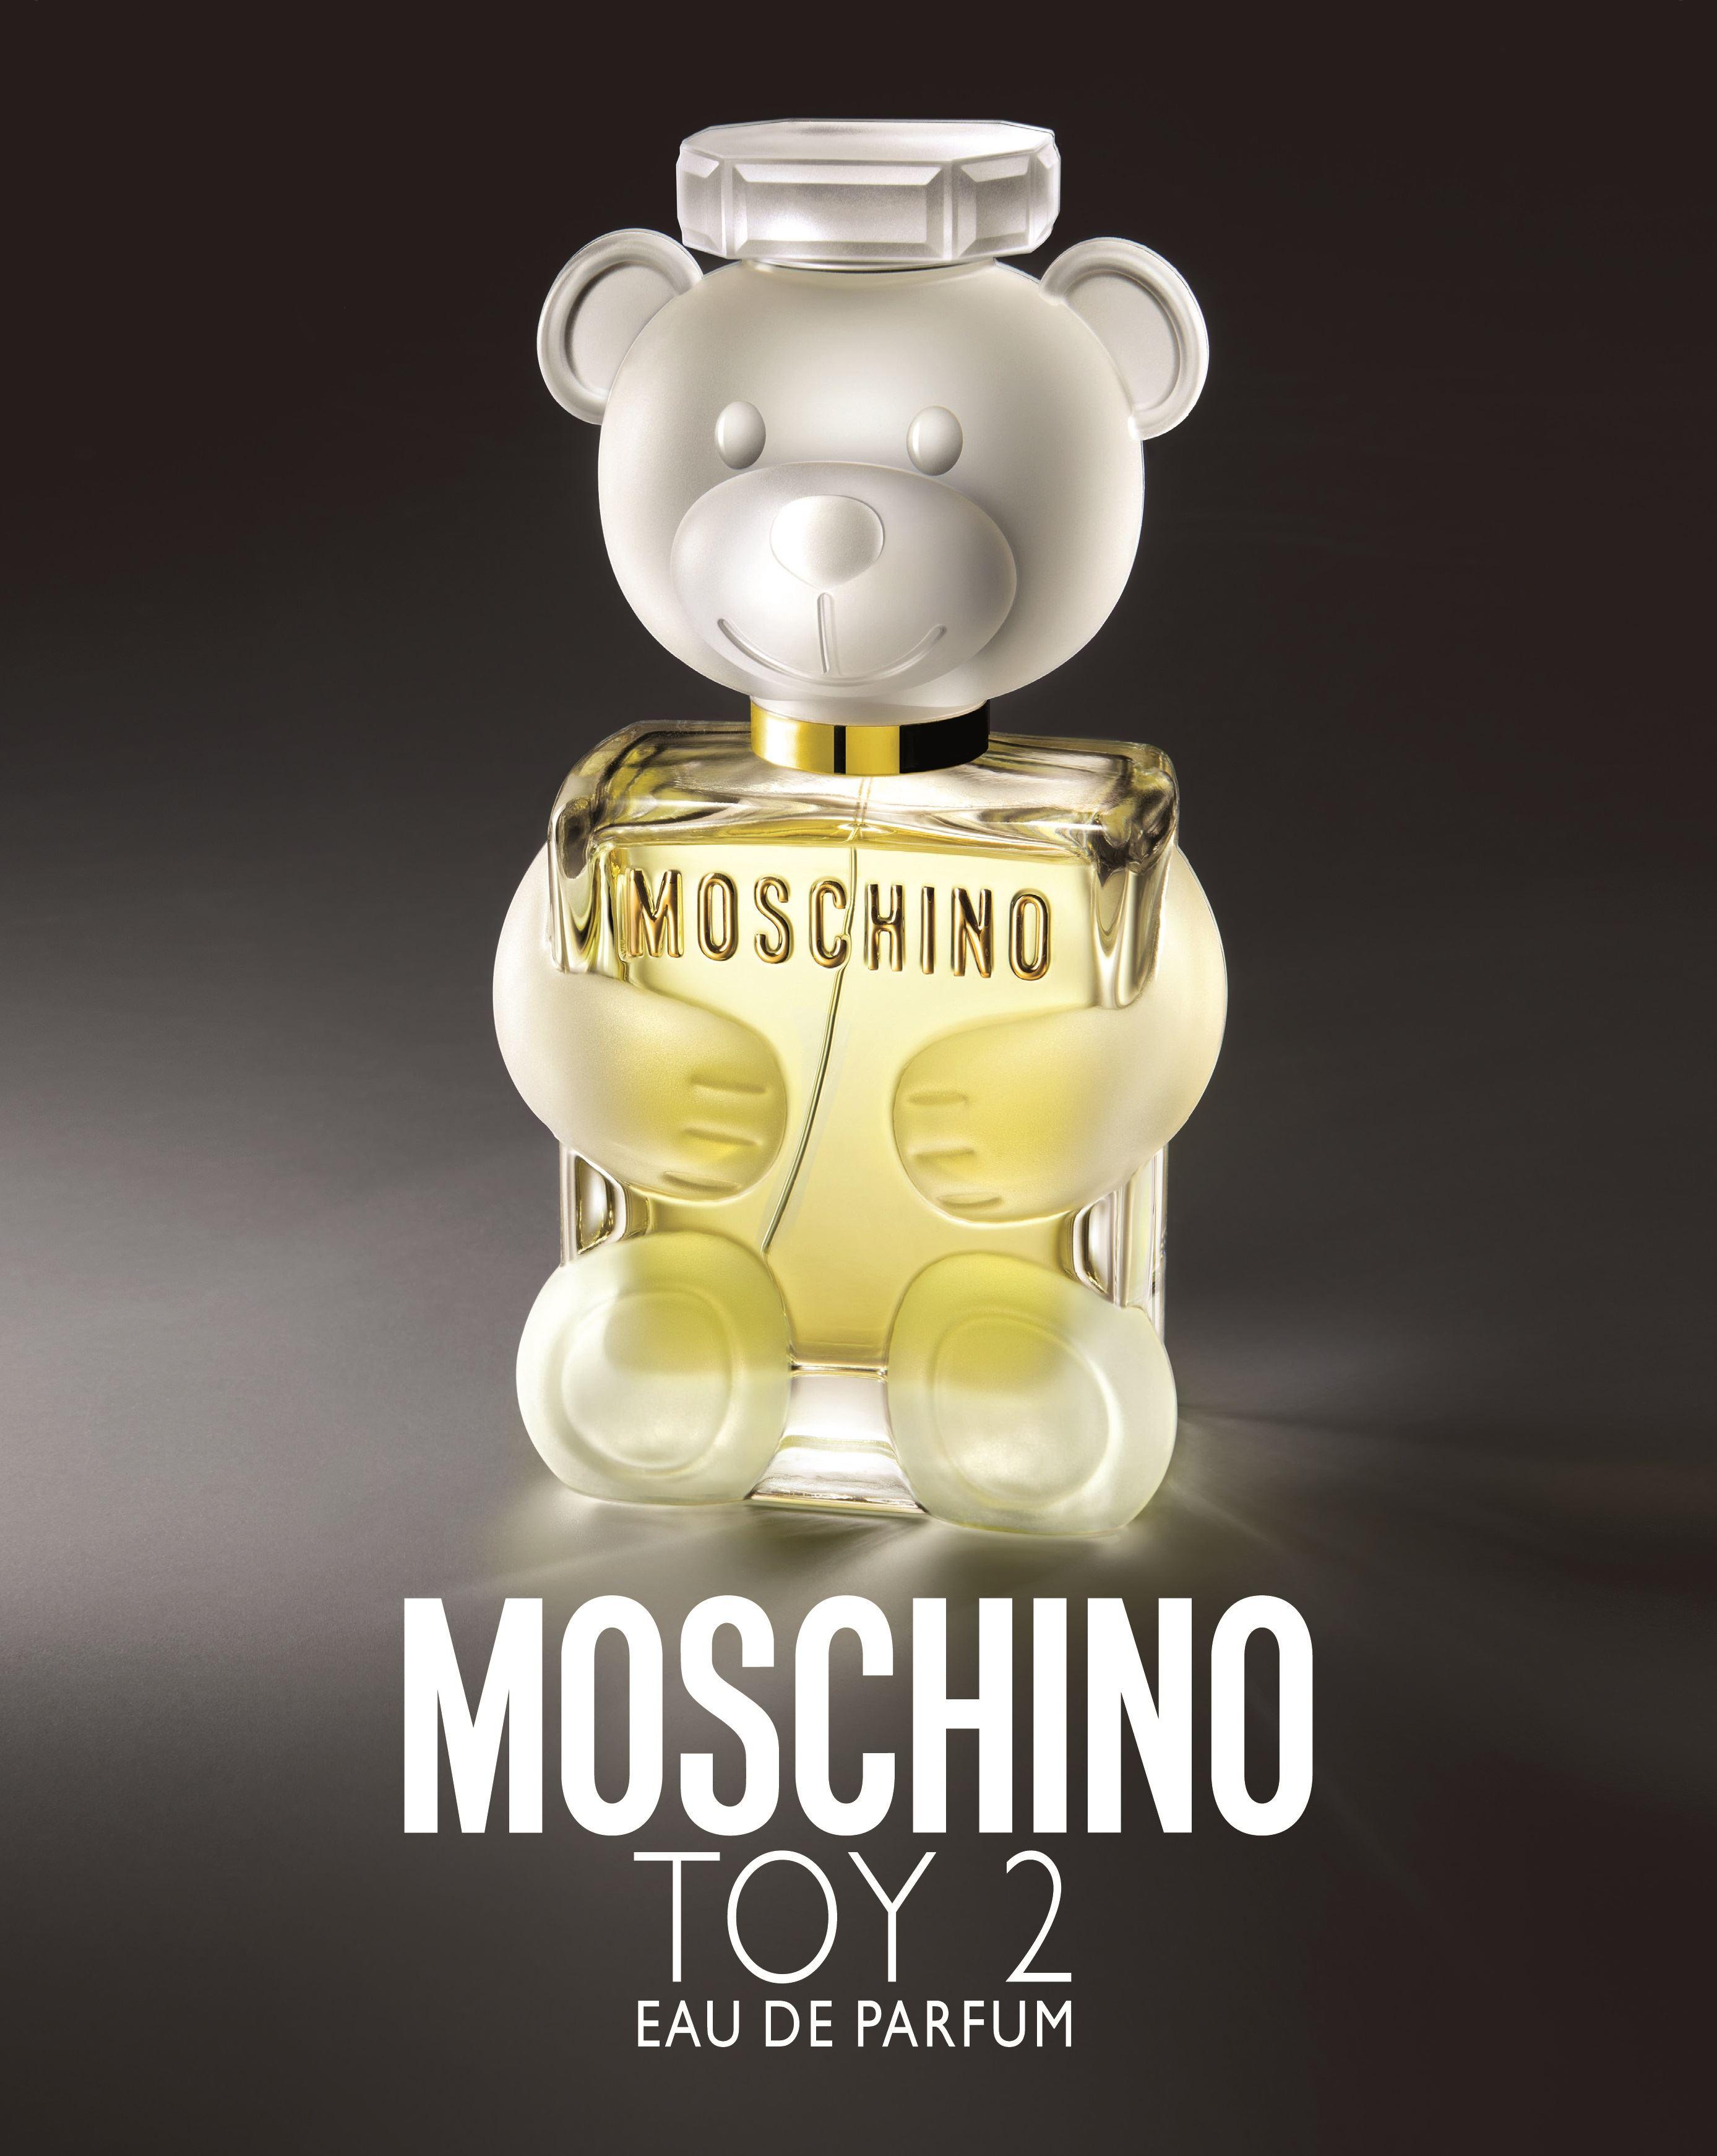 MOSCHINO, MOSCHINO莫斯奇諾, 莫斯奇諾, 熊芯未泯2女性淡香精, 熊芯未泯女性淡香精, 女性香水, 淡香精推薦, 香水推薦, MOSCHINO莫斯奇諾熊芯未泯系列, MOSCHINO莫斯奇諾門市, MOSCHINO莫斯奇諾櫃點, MOSCHINO莫斯奇諾網購, MOSCHINO莫斯奇諾哪裡買, MOSCHINO莫斯奇諾台灣, MOSCHINO莫斯奇諾試用, 試用, 體驗